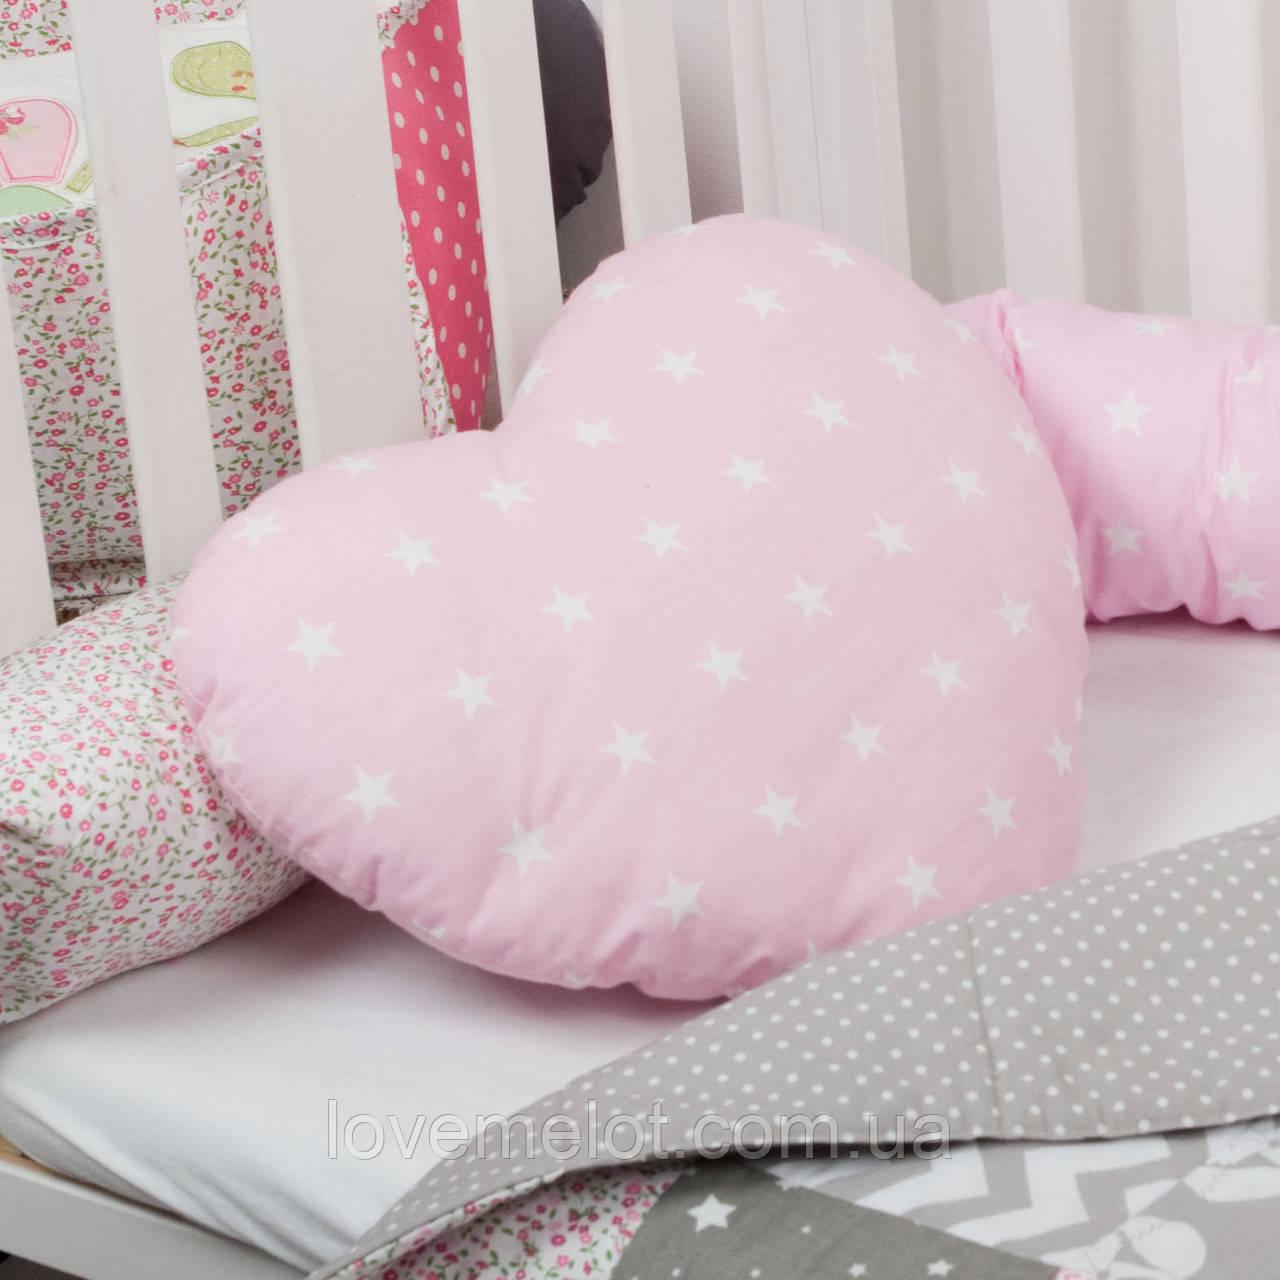 Декоративная подушка в форме сердца, расцветка на выбор, подушка детская для декора в форме сердца